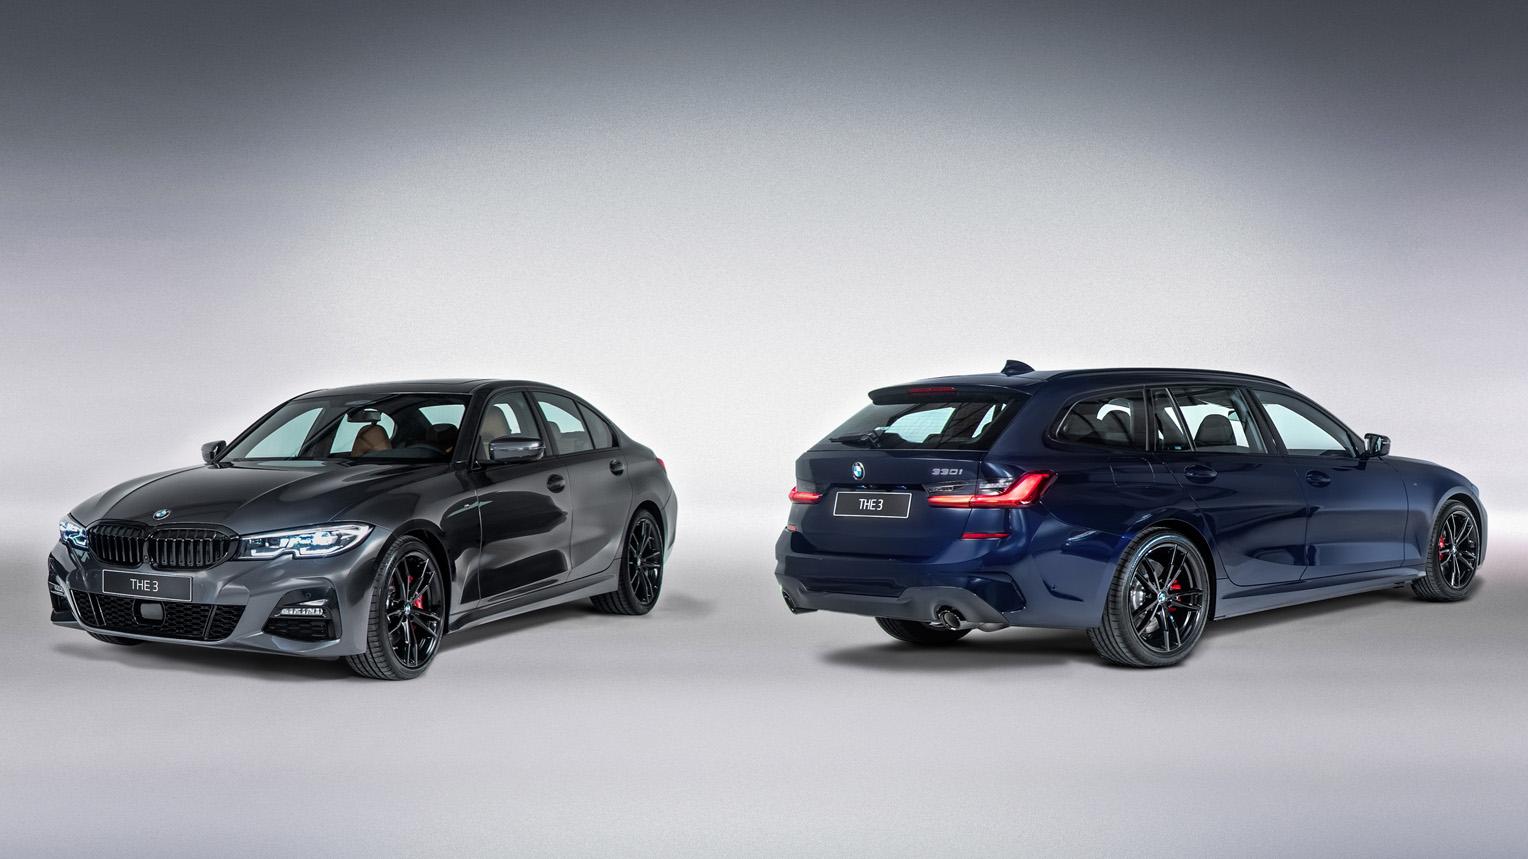 BMW 330i / 330i Touring M Sport 夜型版限量發售 289 萬元起